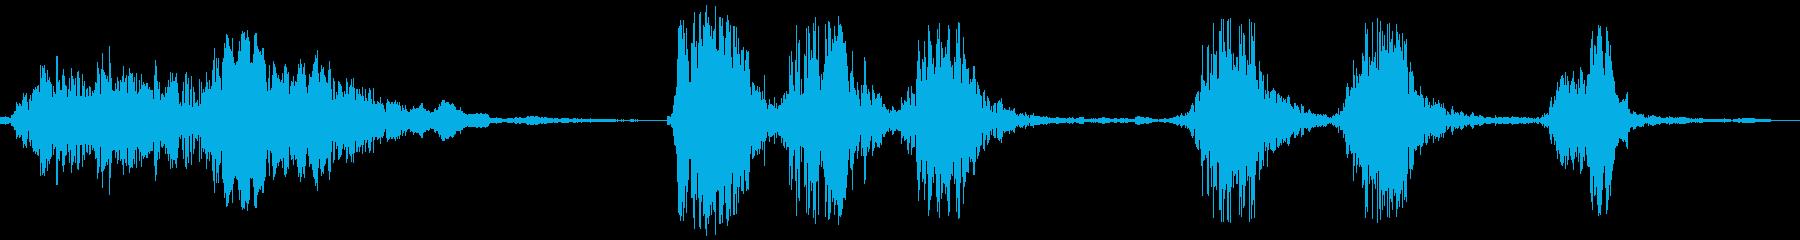 犬の鳴き声(ワンワンワンと吠える)の再生済みの波形